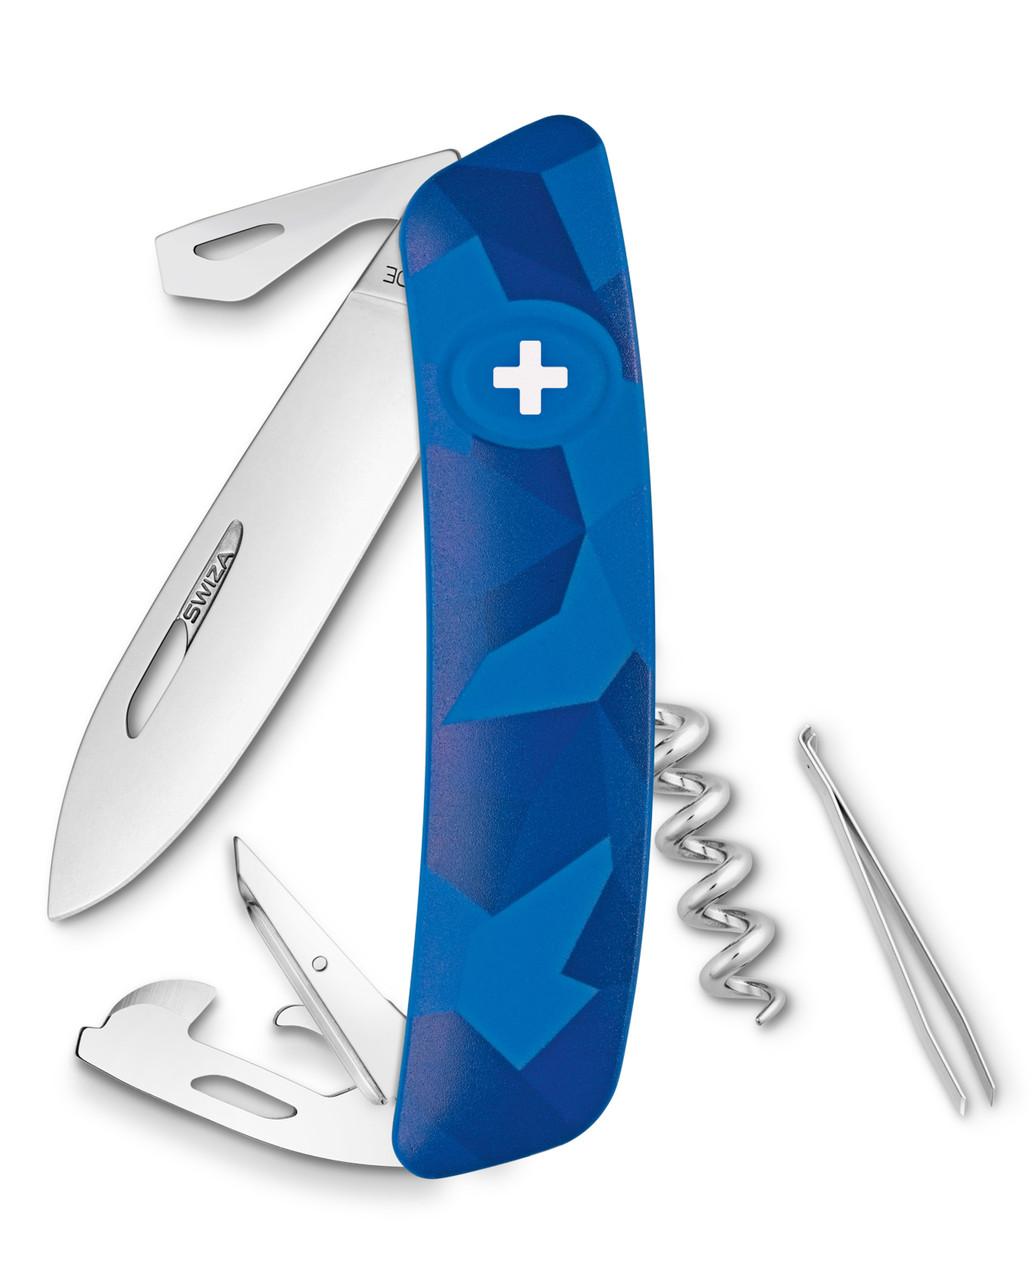 Нож Swiza C03 с 11 функциями